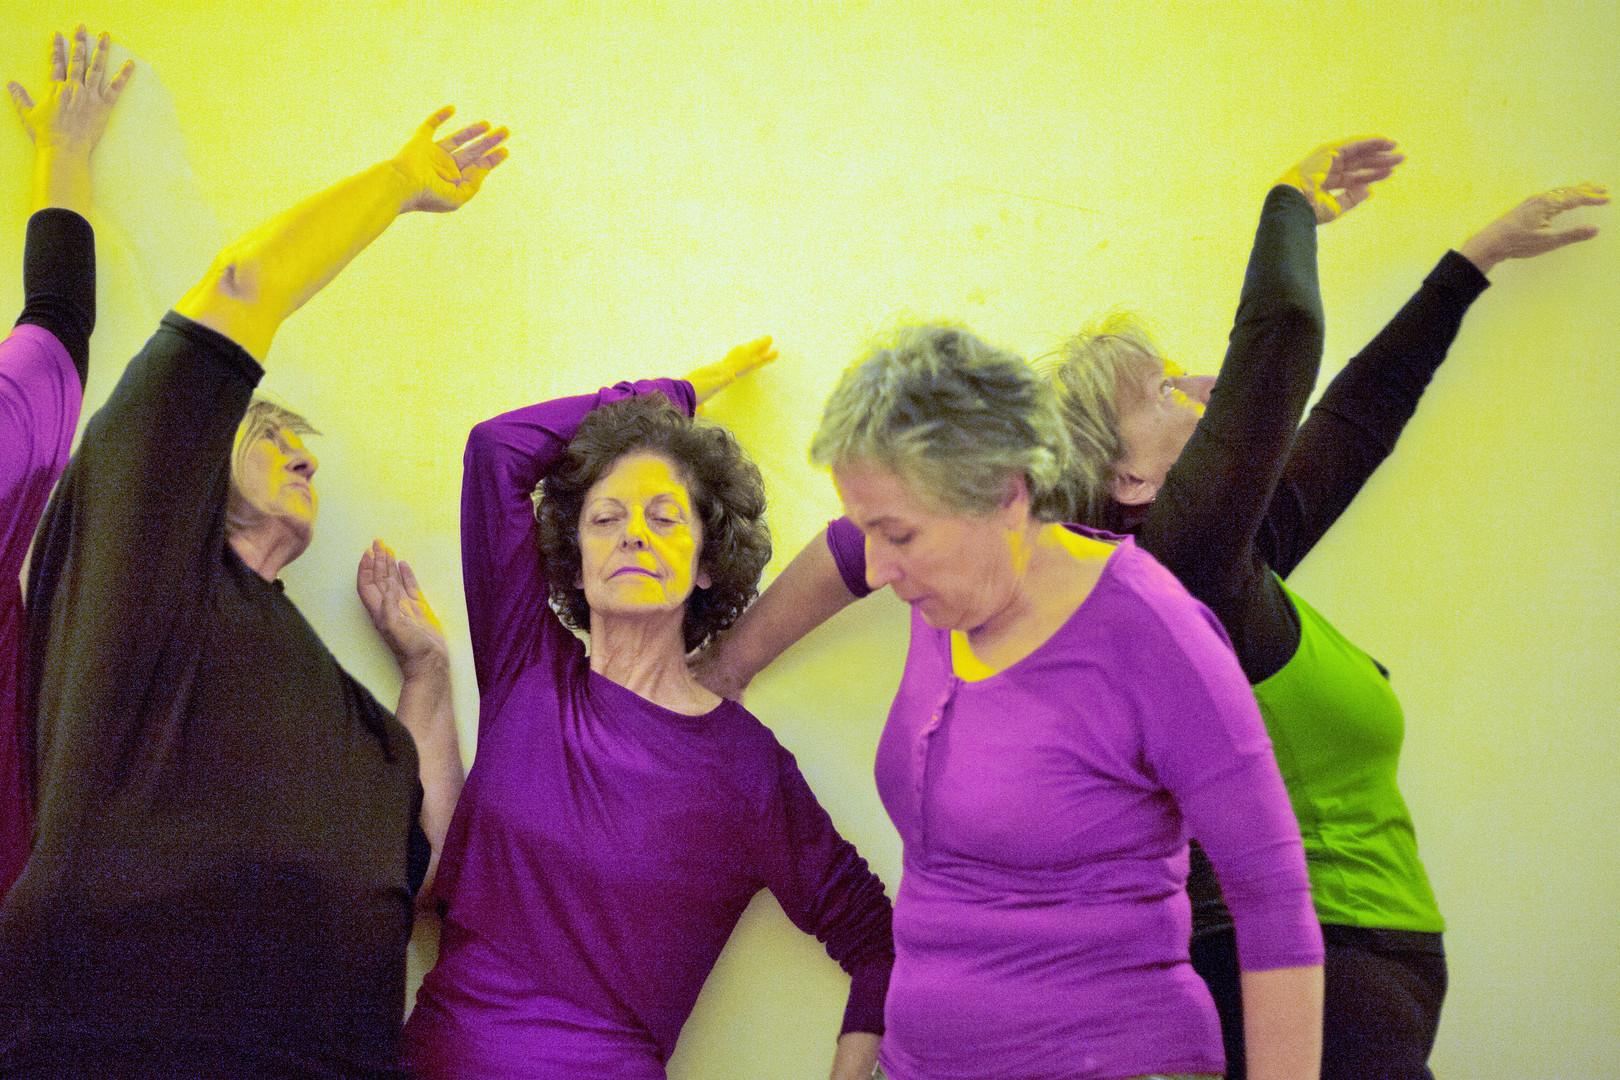 Danse_Contemporaine_pour_+55_&_Seniors_a